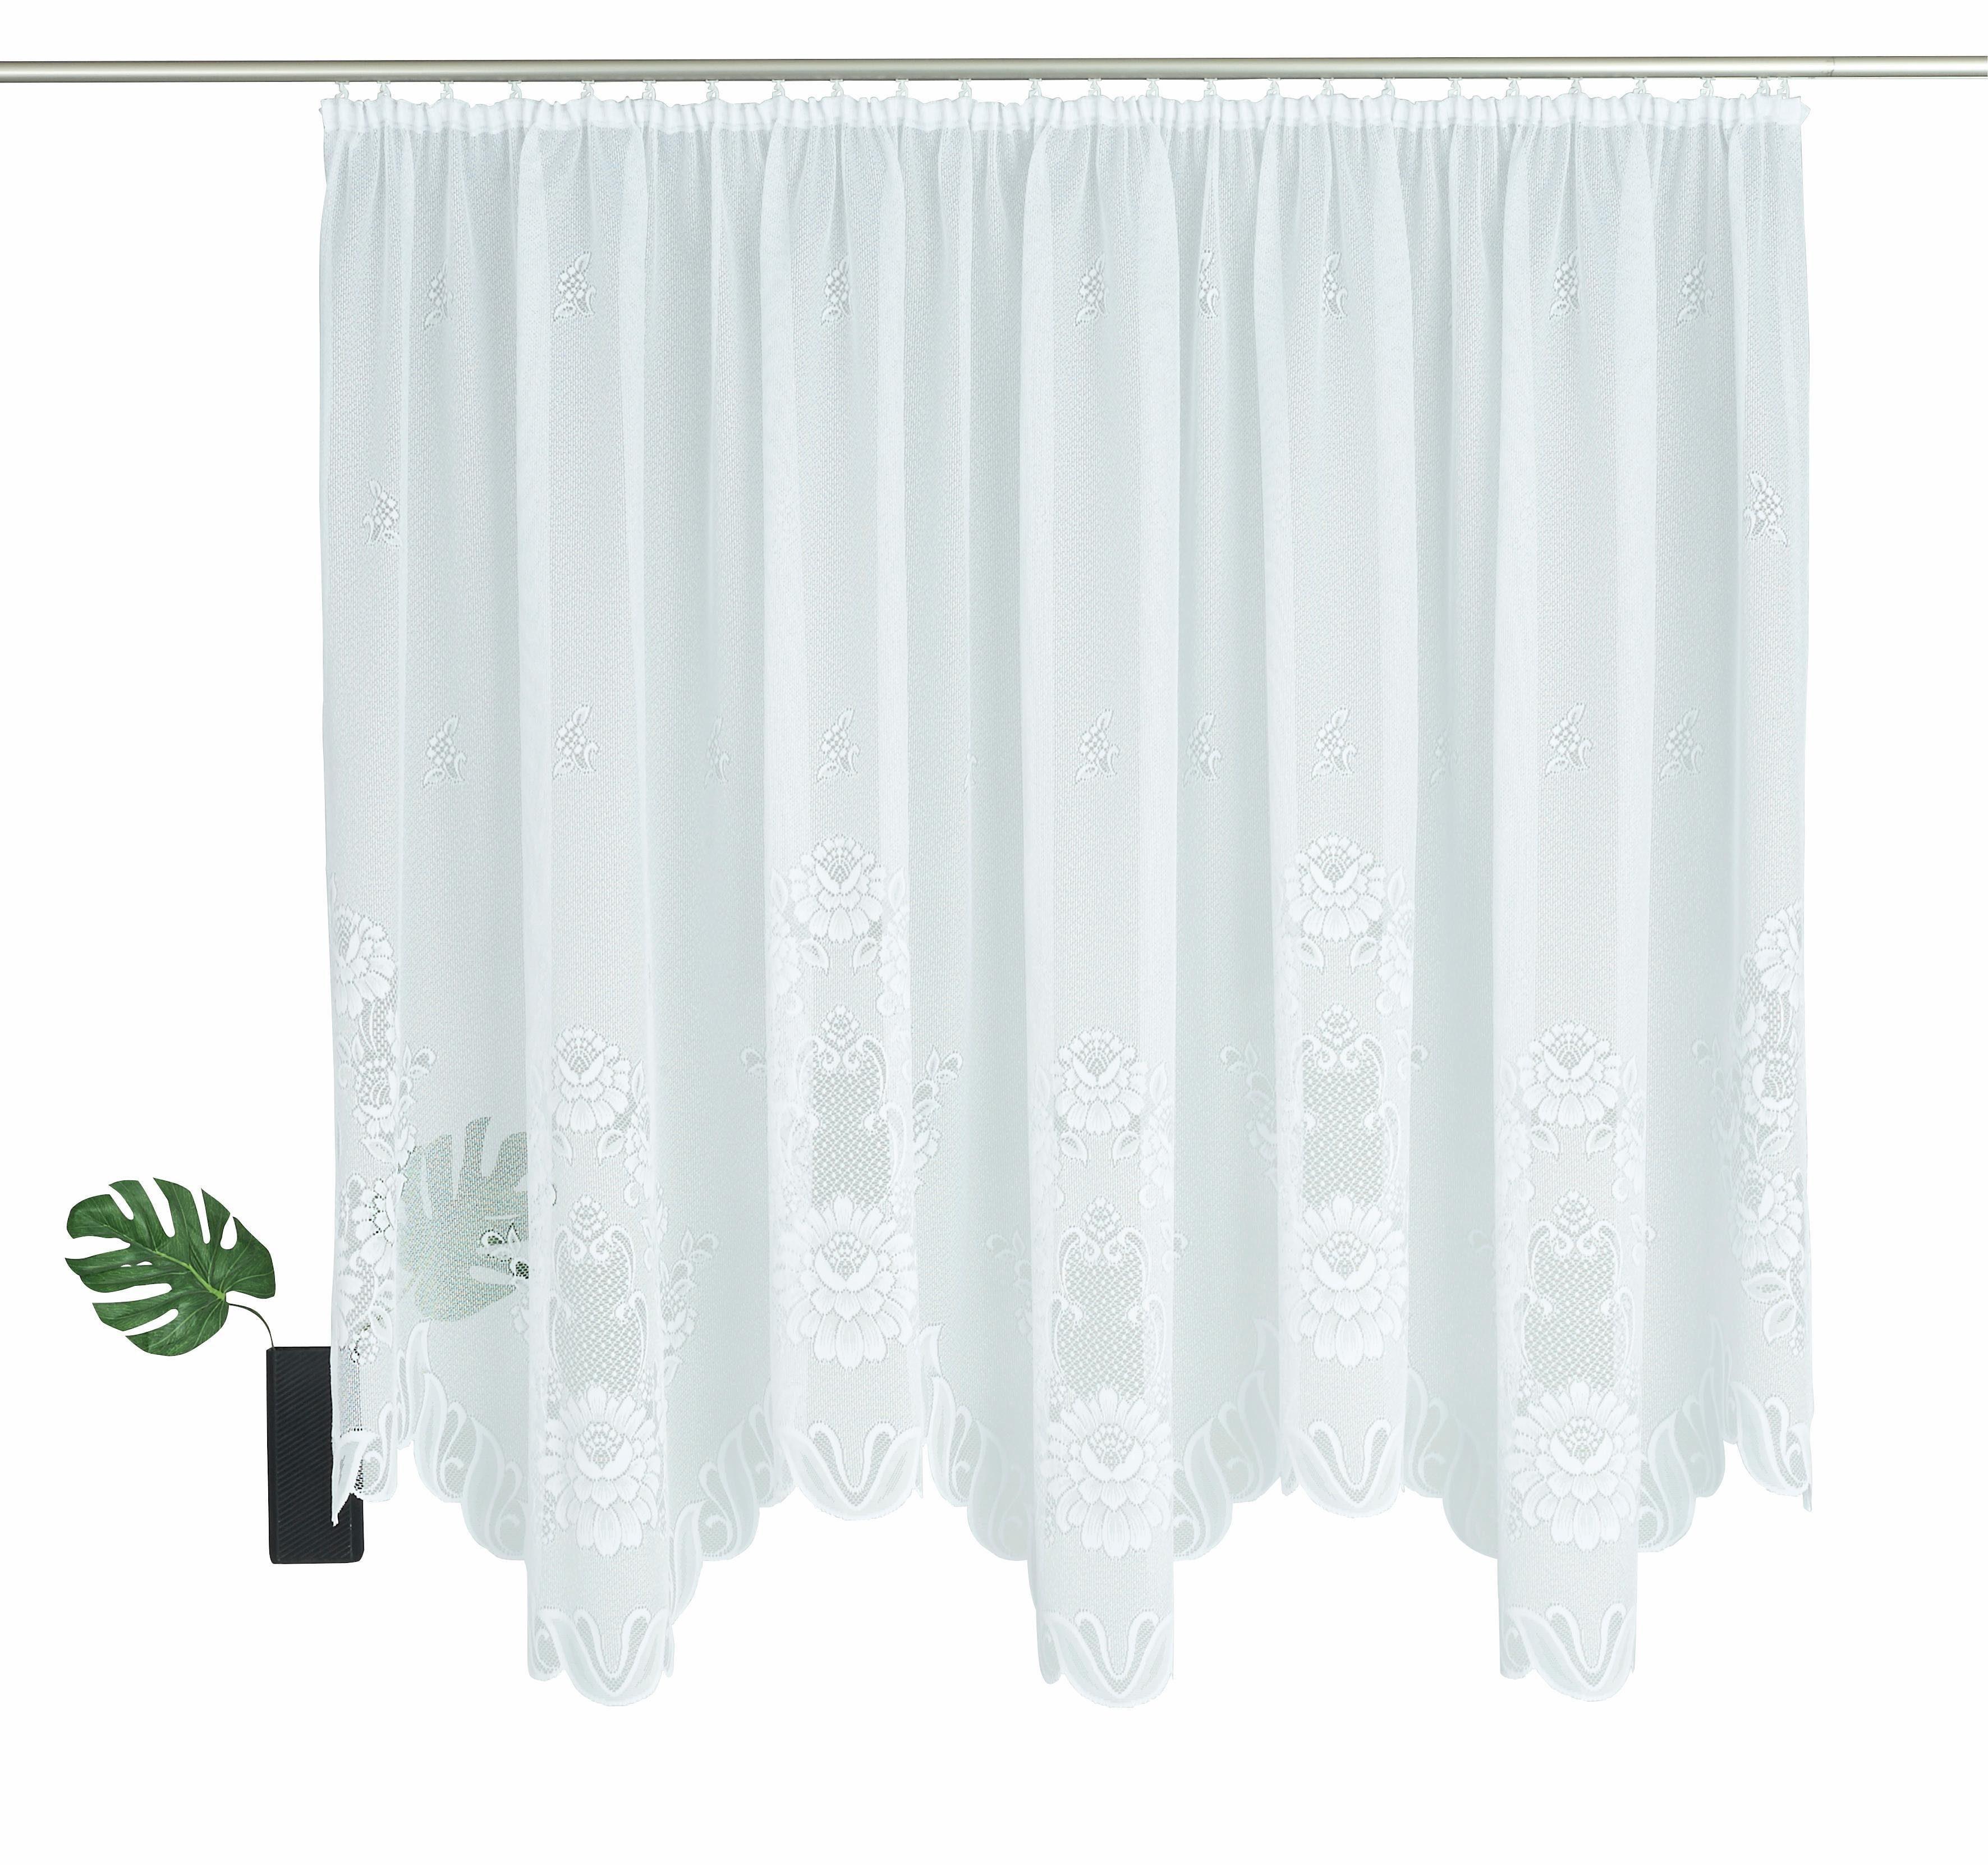 fertige gardinen mit faltenband awesome sortiment. Black Bedroom Furniture Sets. Home Design Ideas